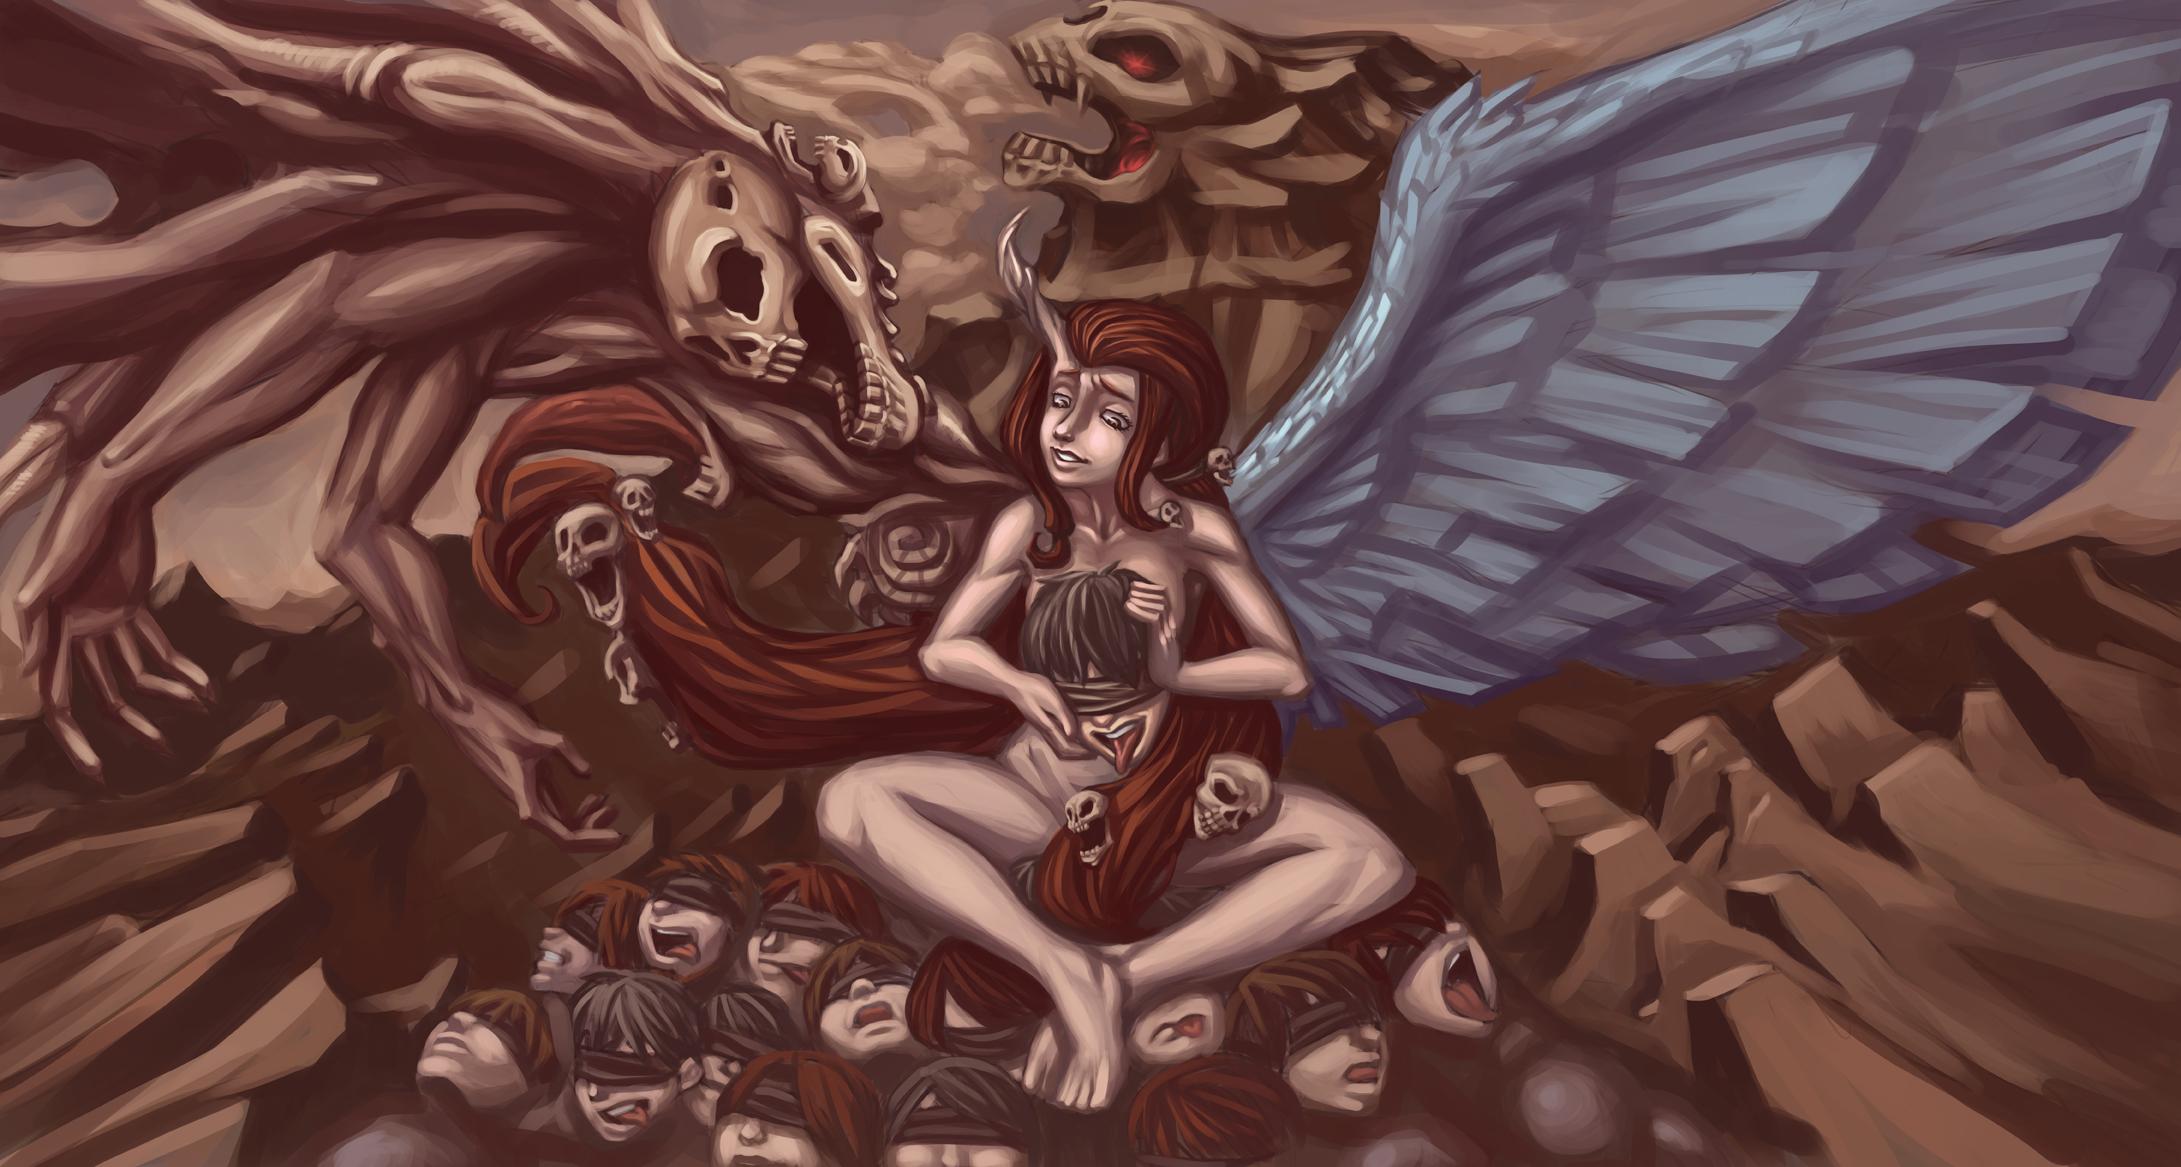 Queen of Demise